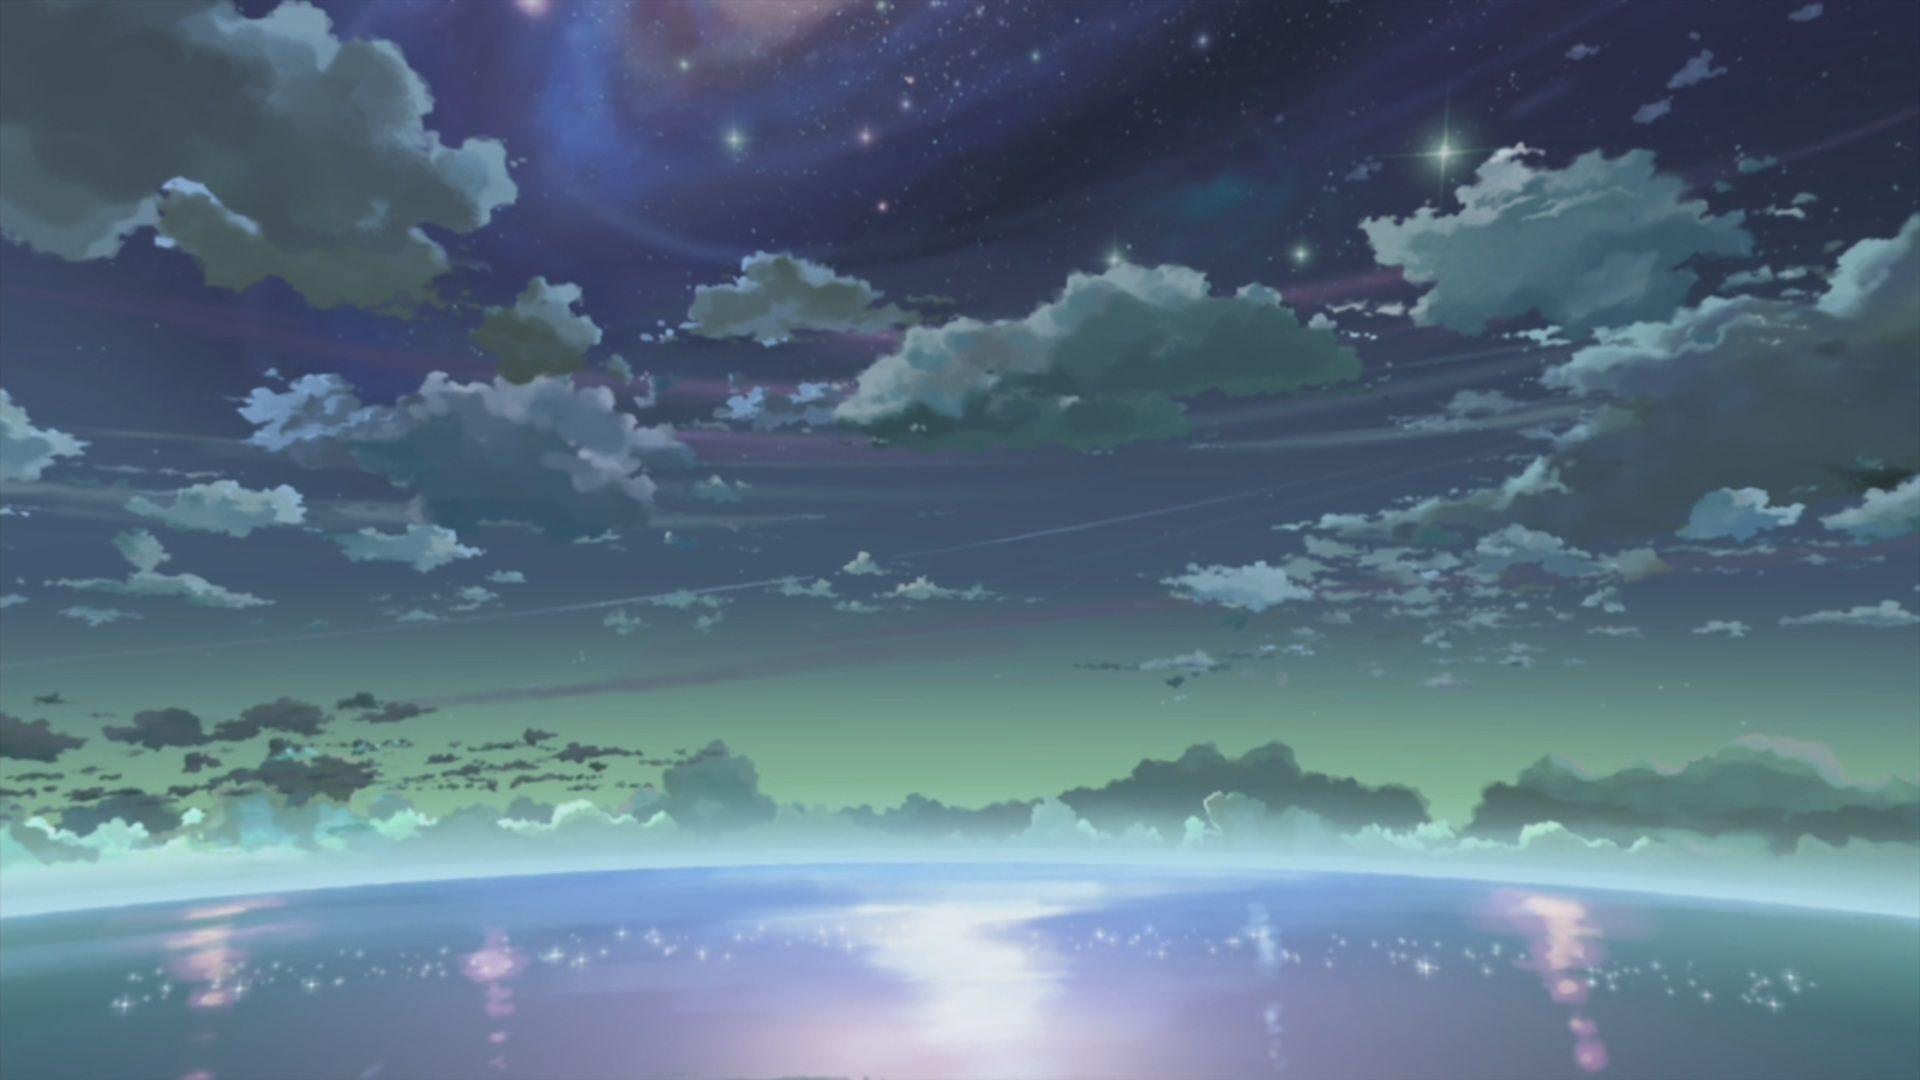 makoto shinkai аниме